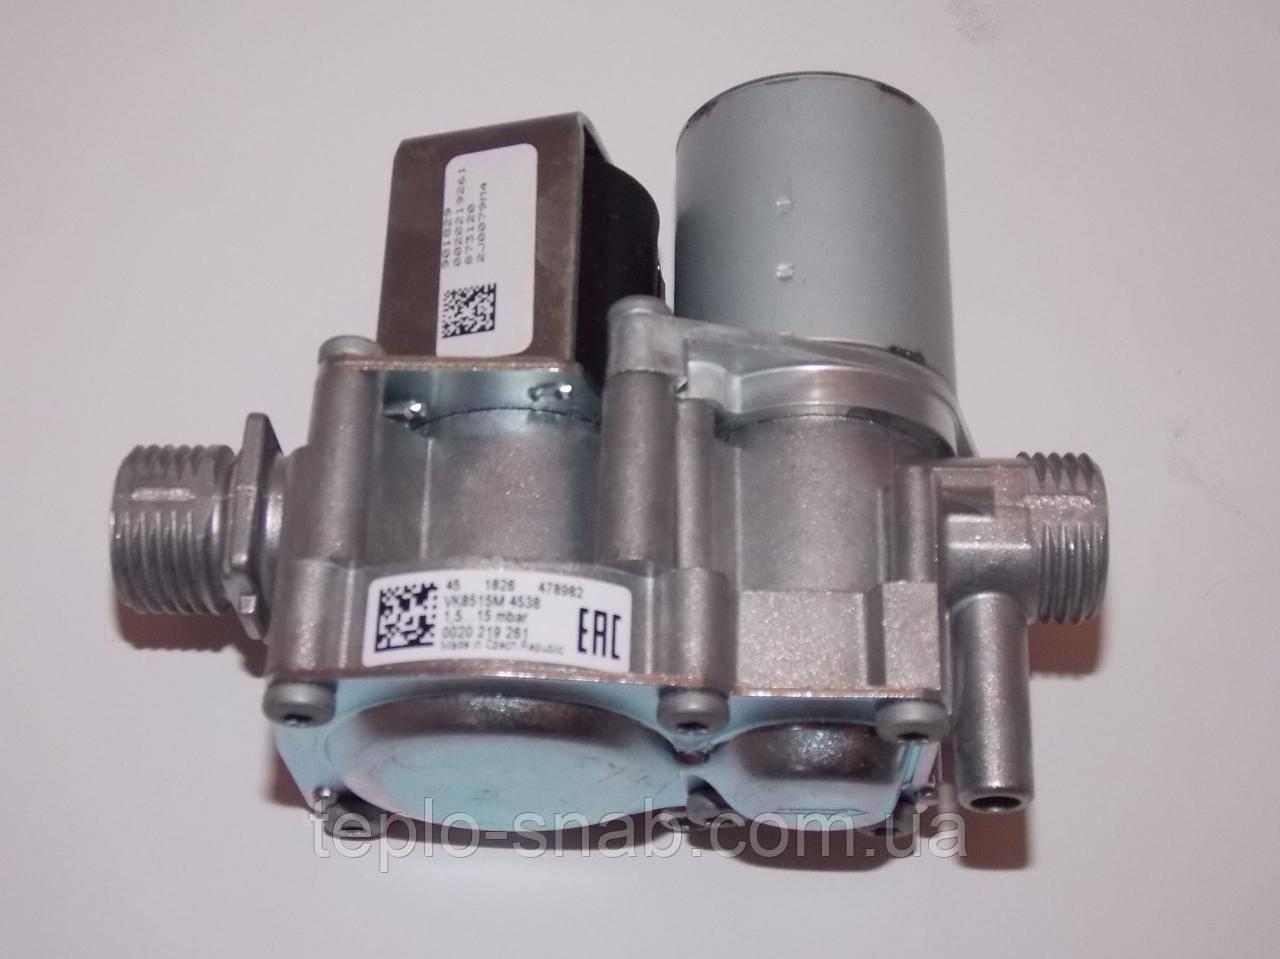 Газовий клапан Vaillant 0020019991, 0020039185, Protherm 0020097959